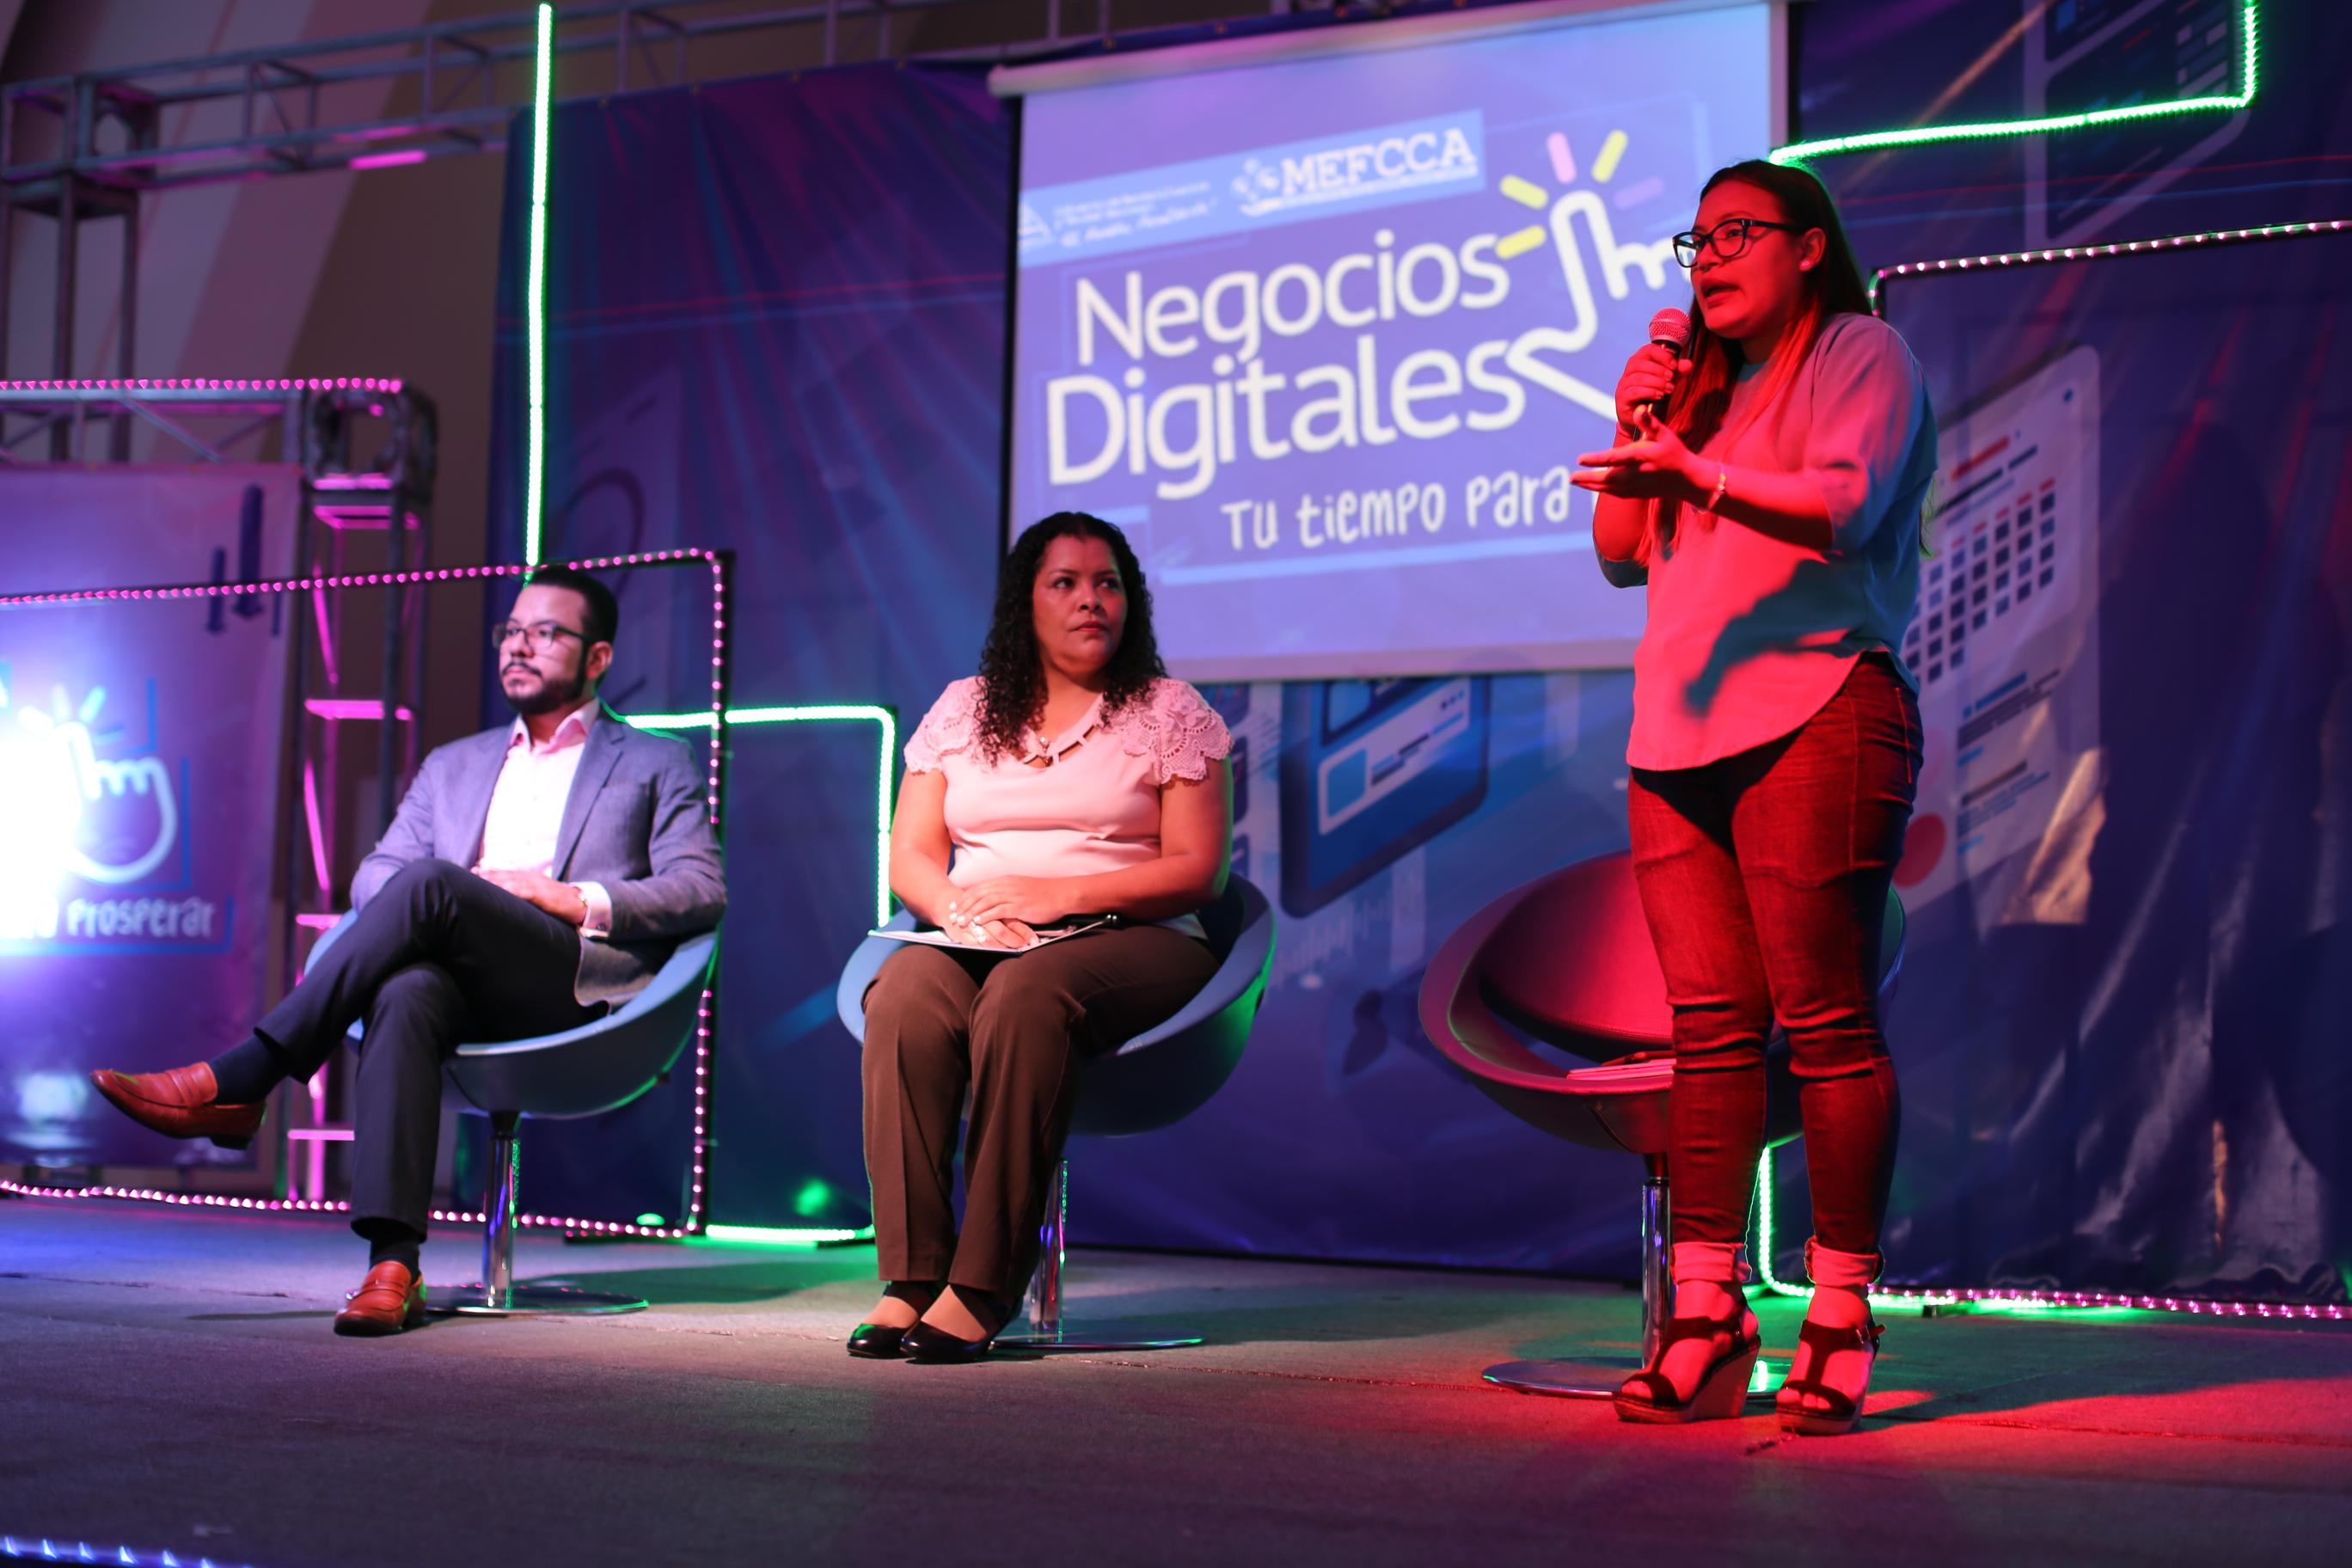 """MEFCCA realiza I Encuentro Nacional de Innovación Digital y Emprendimiento """"Innova, Comunica y Emprende"""""""